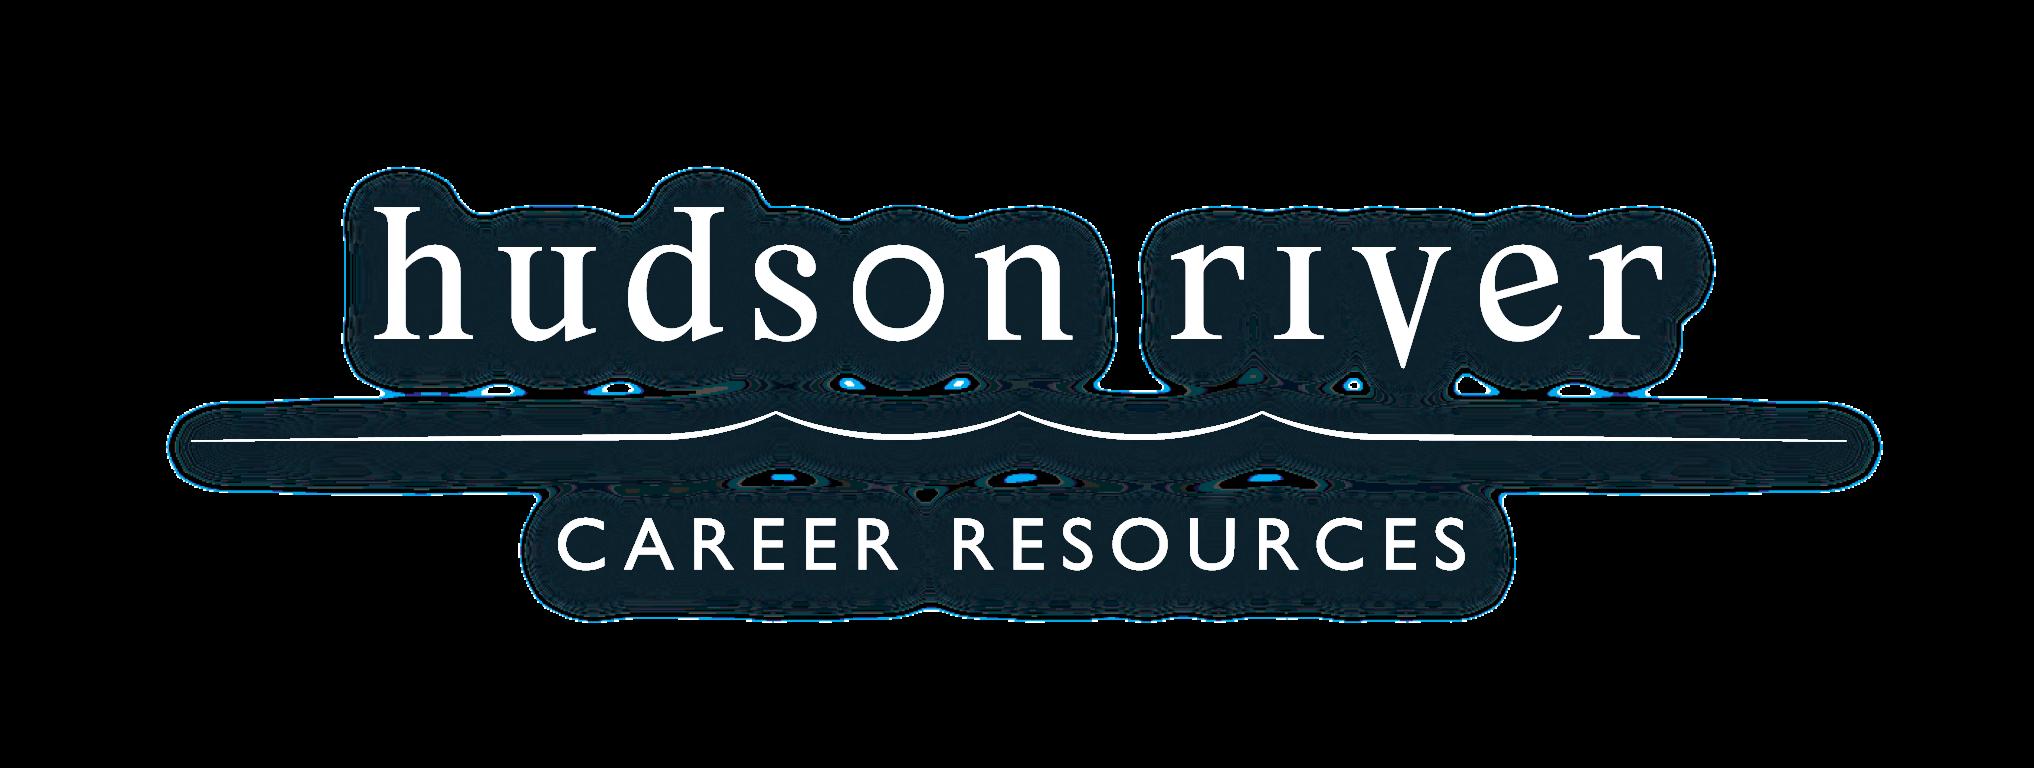 Hudson River Career Resources